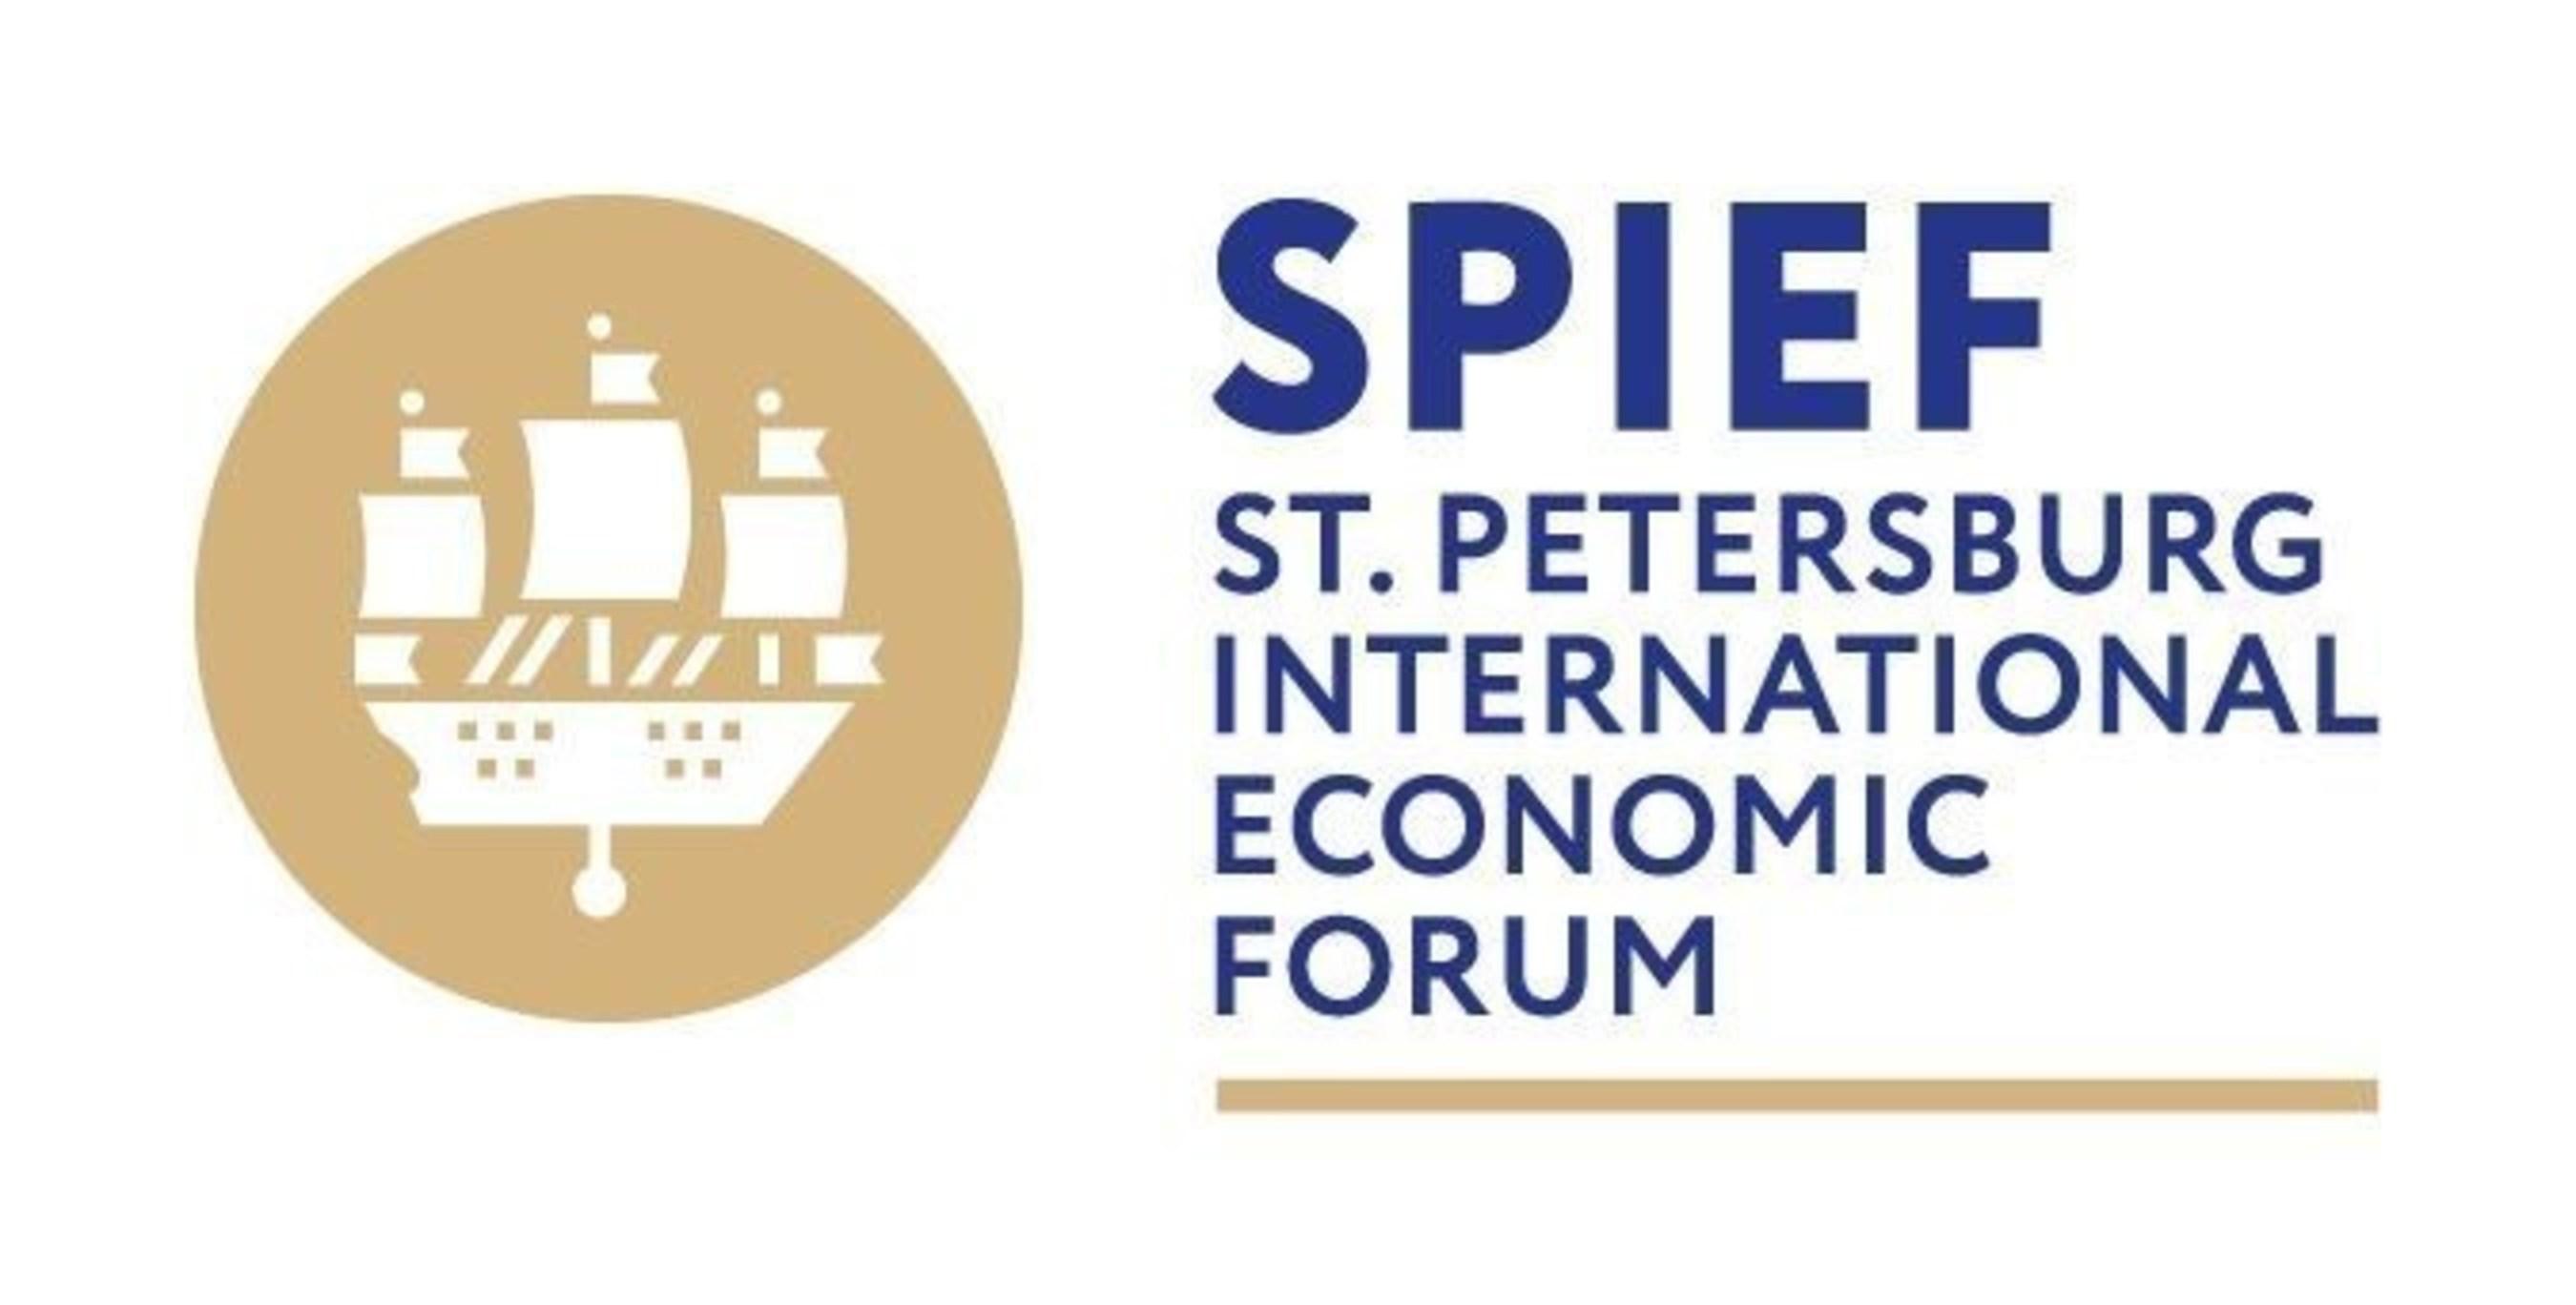 SPIEF Logo (PRNewsFoto/SPIEF)